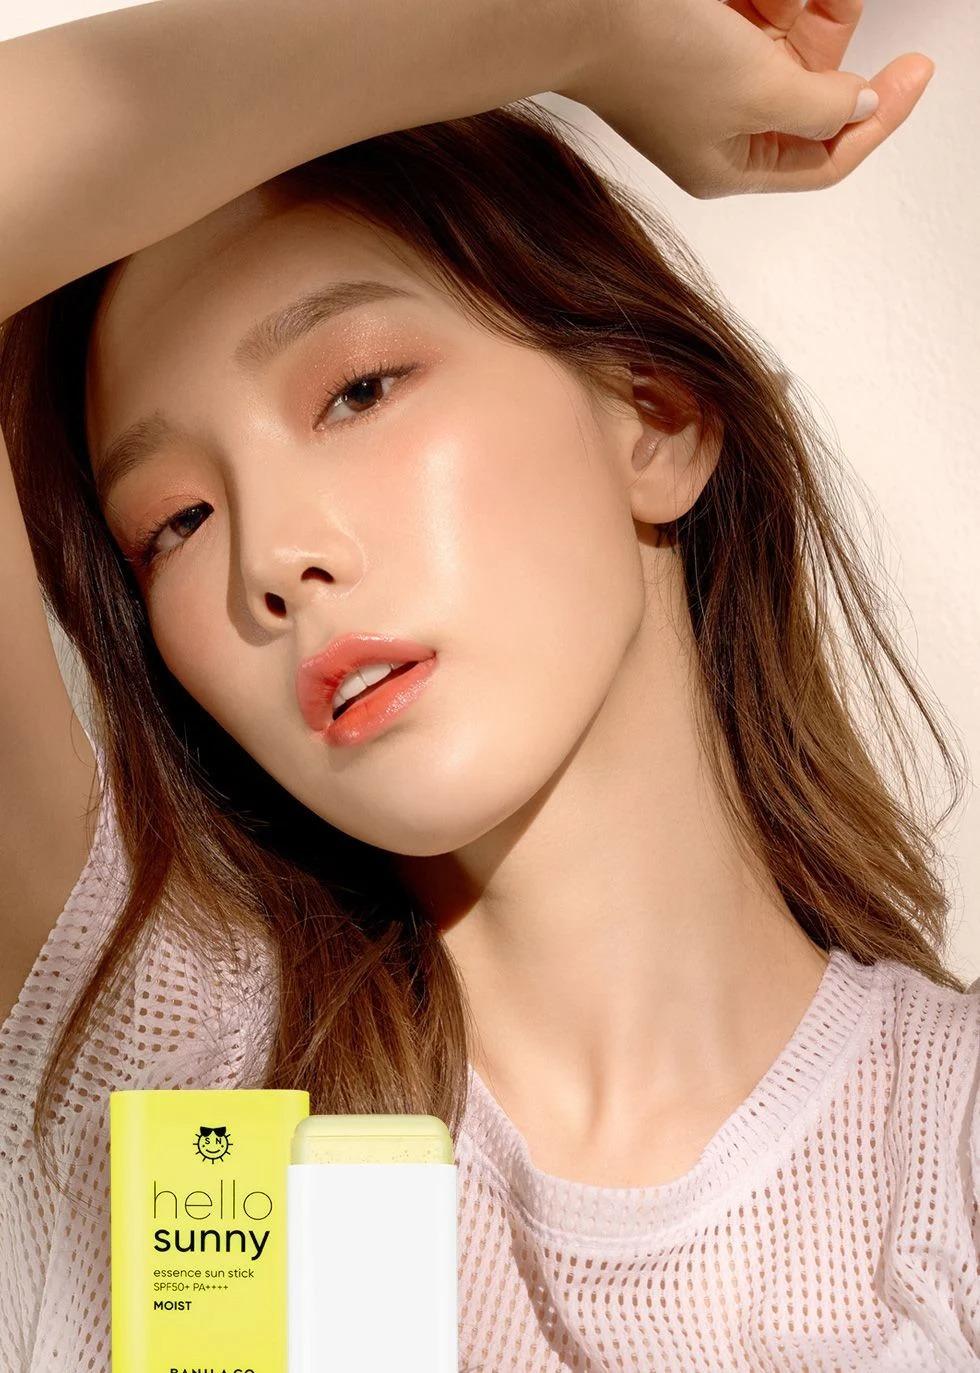 Làn da căng bóng soi gương được giúp Tae Yeon luôn rất tươi trẻ và được nhiều thương hiệu mỹ phẩm yêu thích.